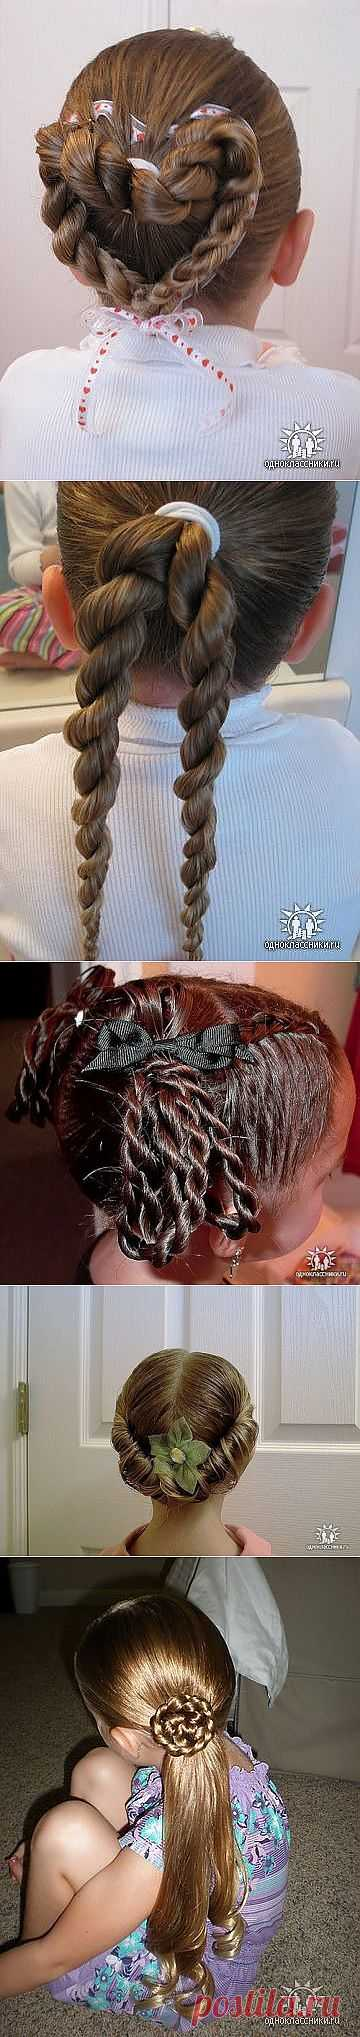 Королевские причёски для девочек (подробные фото-инструкции).